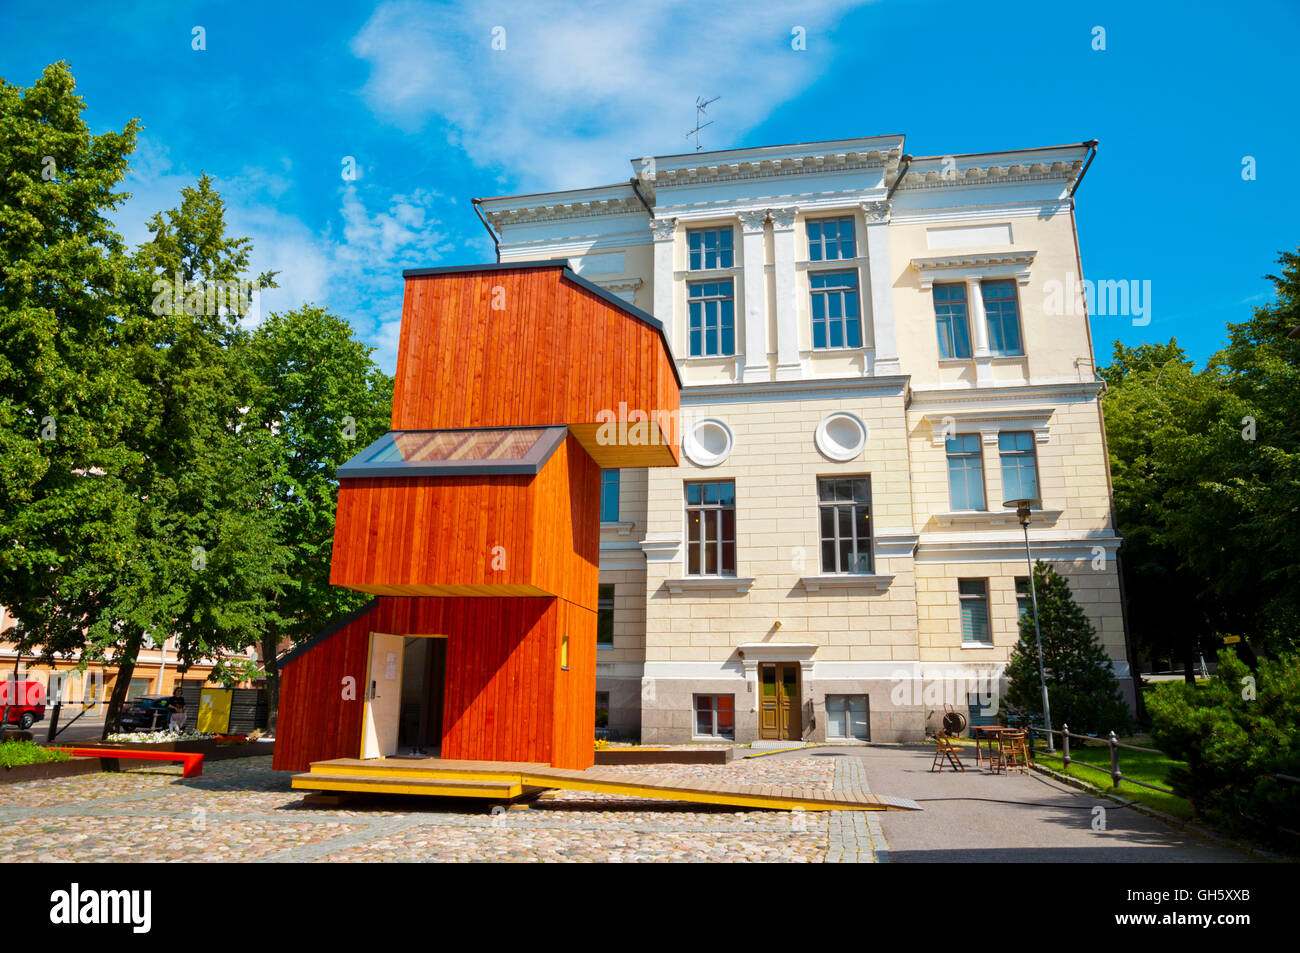 Suomen arkkitehtuurimuseo, Musée de l'architecture finlandaise, avec sol en bois KoKoon, Helsinki, Finlande Banque D'Images